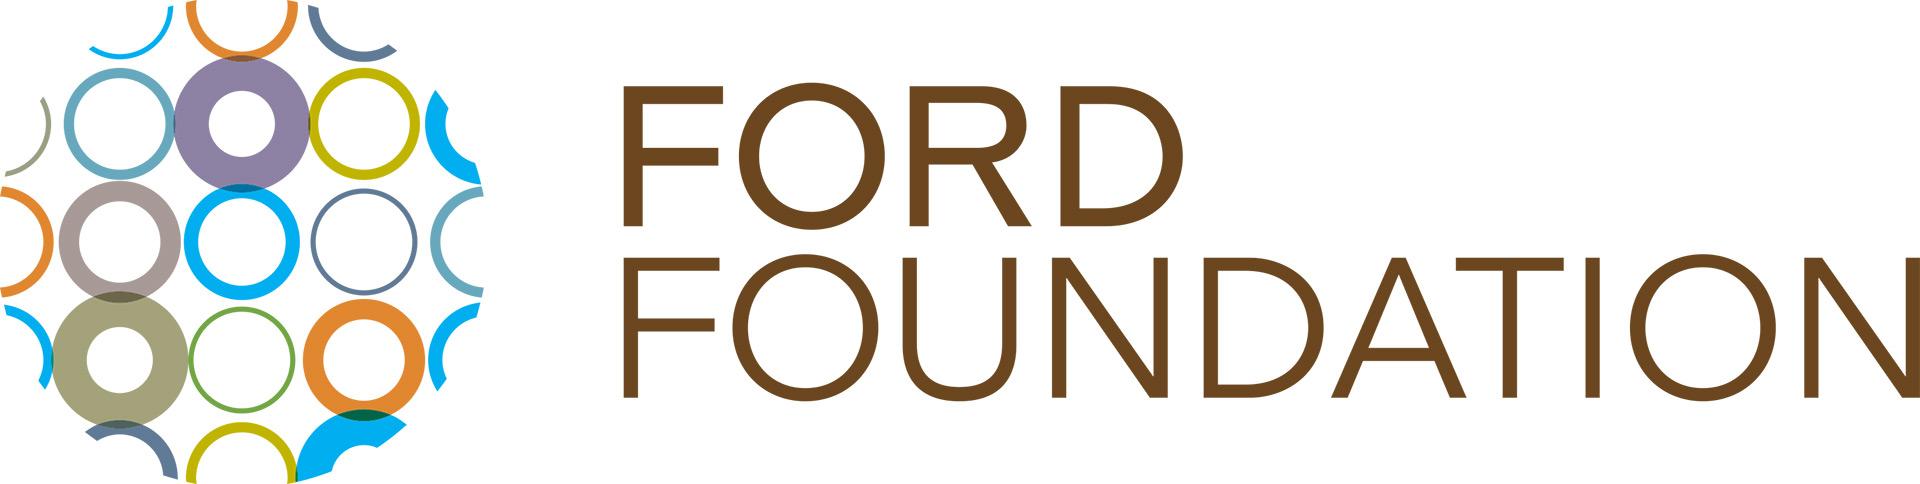 ford-foundation_logo.jpg